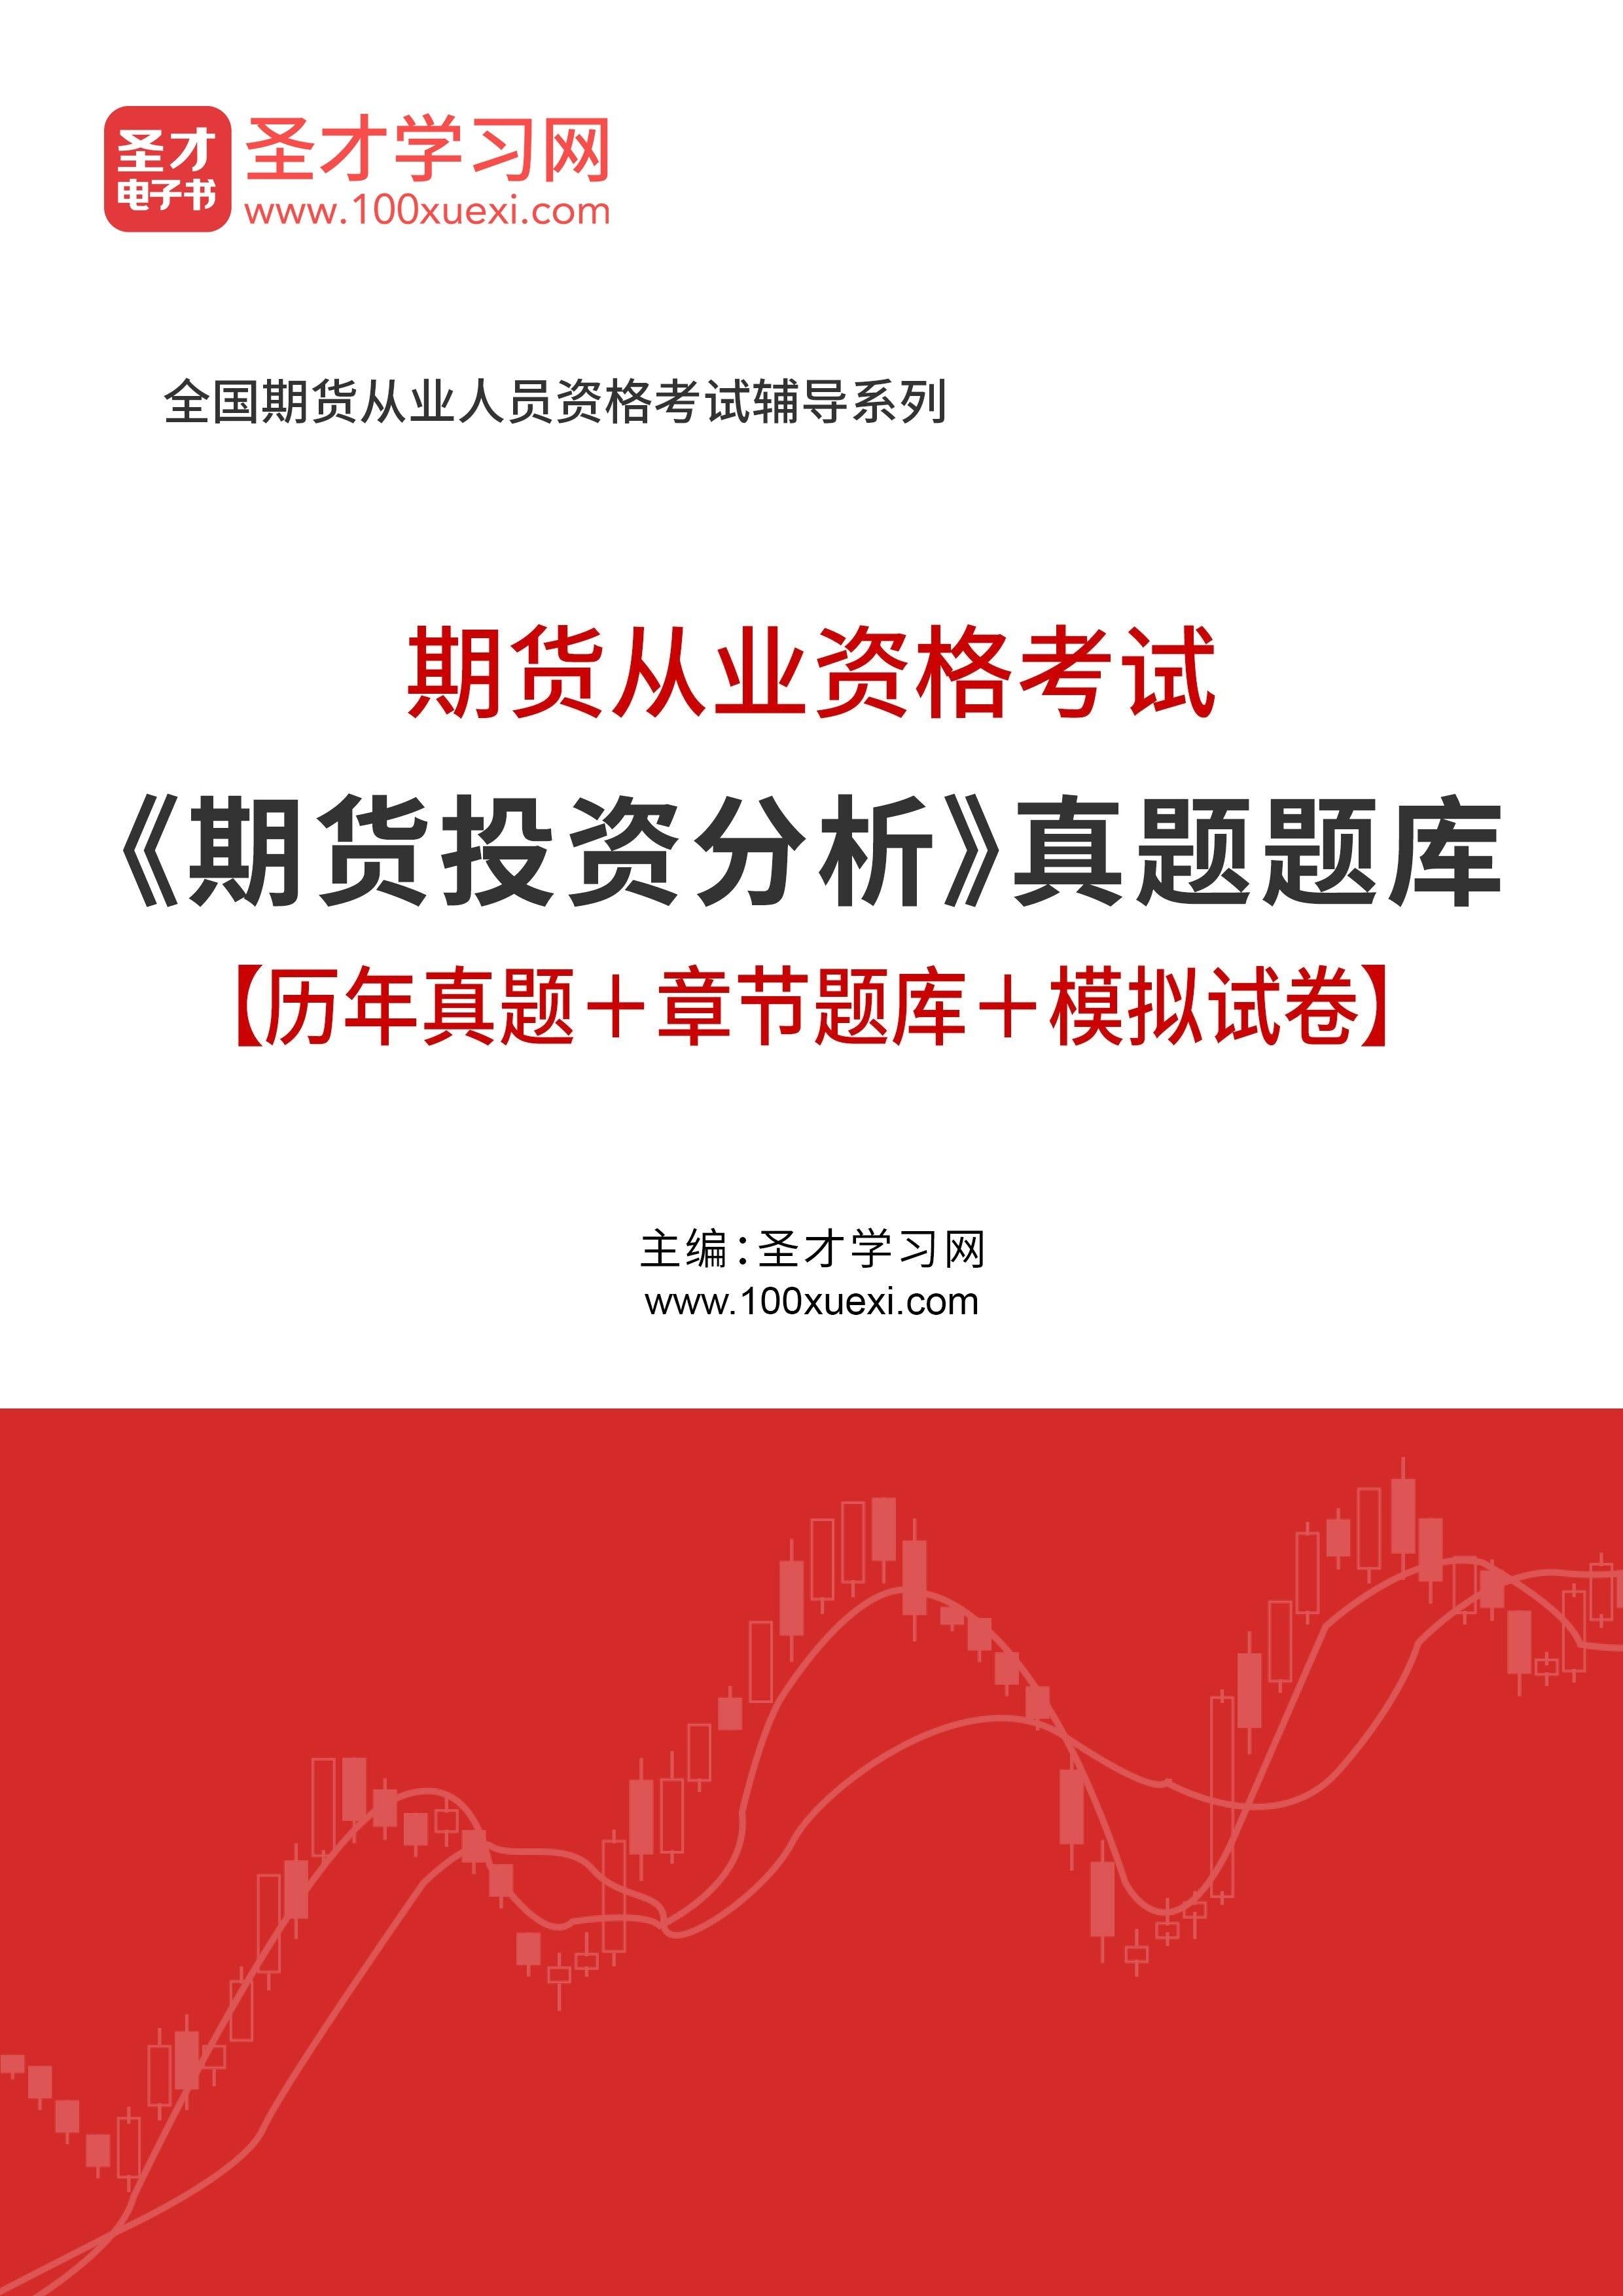 2021年期貨從業資格考試《期貨投資分析》真題題庫【歷年真題+章節題庫+模擬試卷】